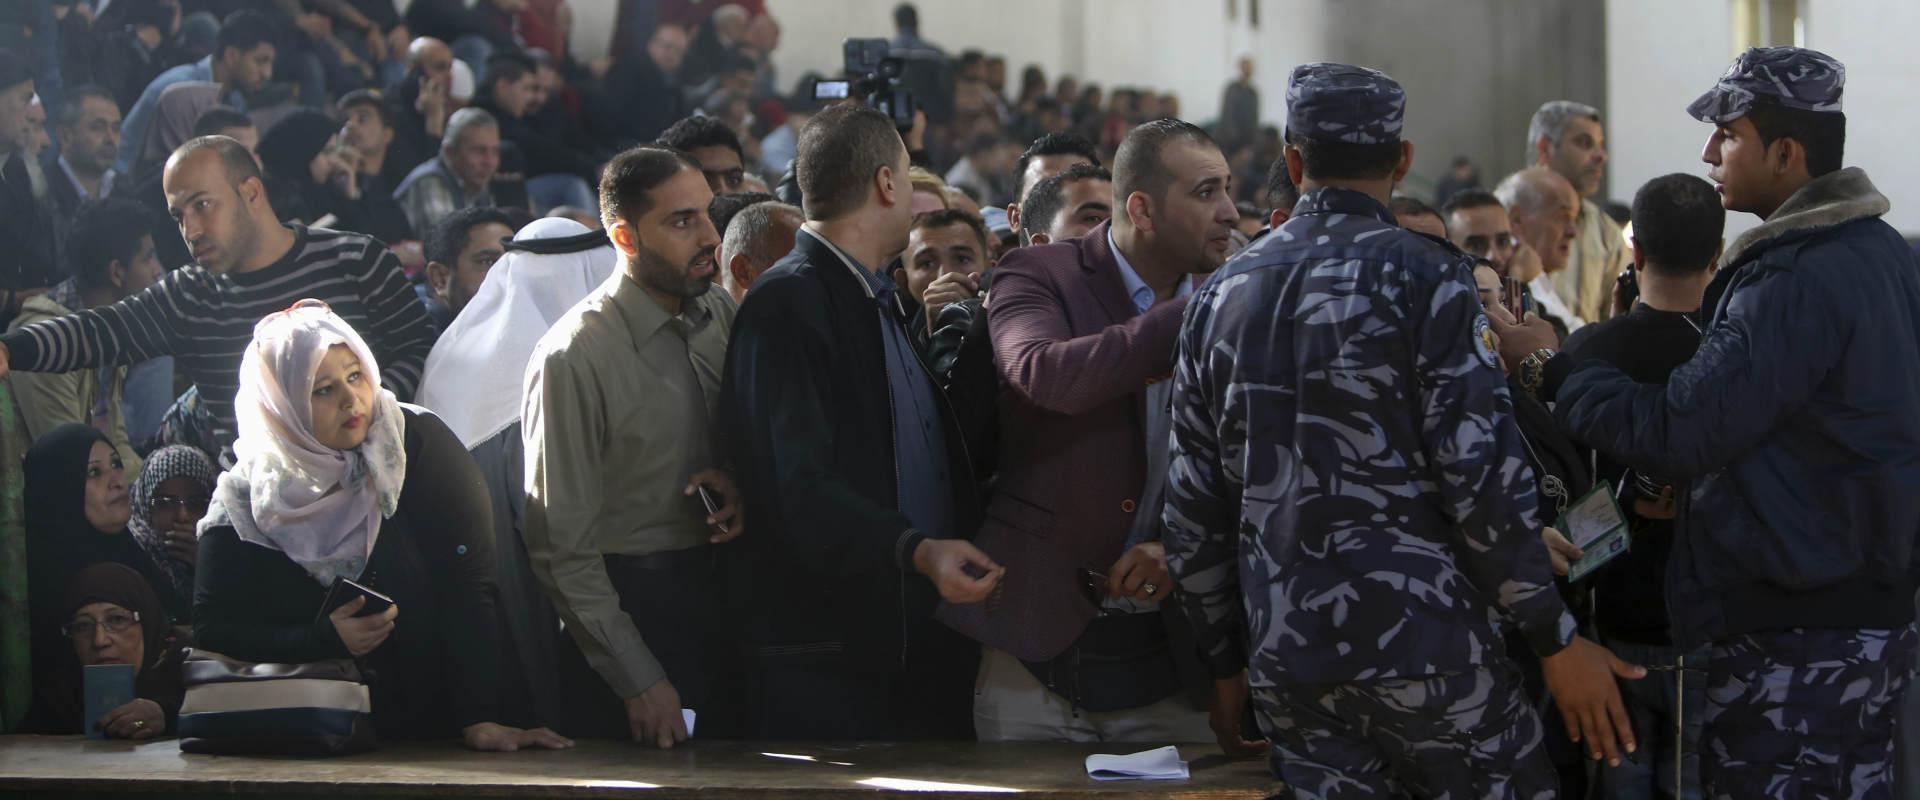 אנשי ביטחון של חמאס מנהלים את התנועה במעבר רפיח, ה